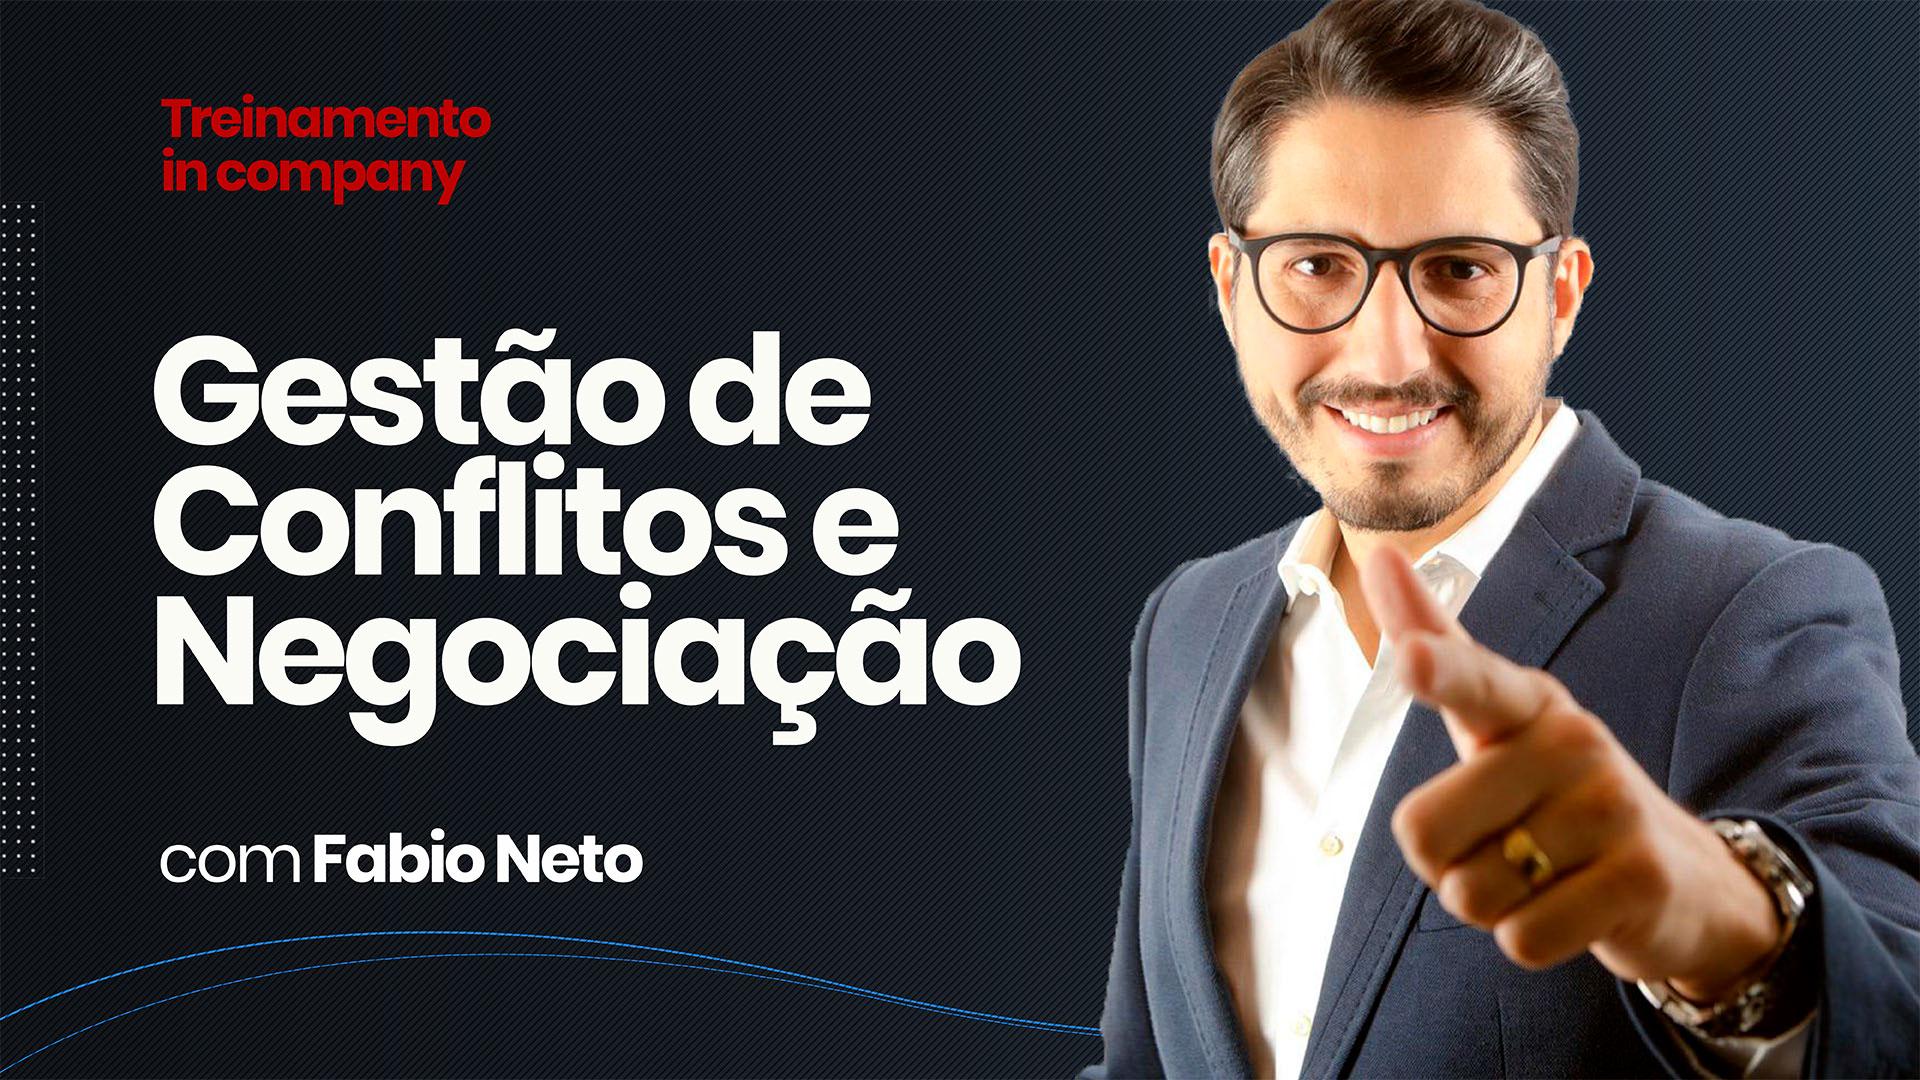 Fabio-Neto-DMT-Consulting-gestão-de-conflitos